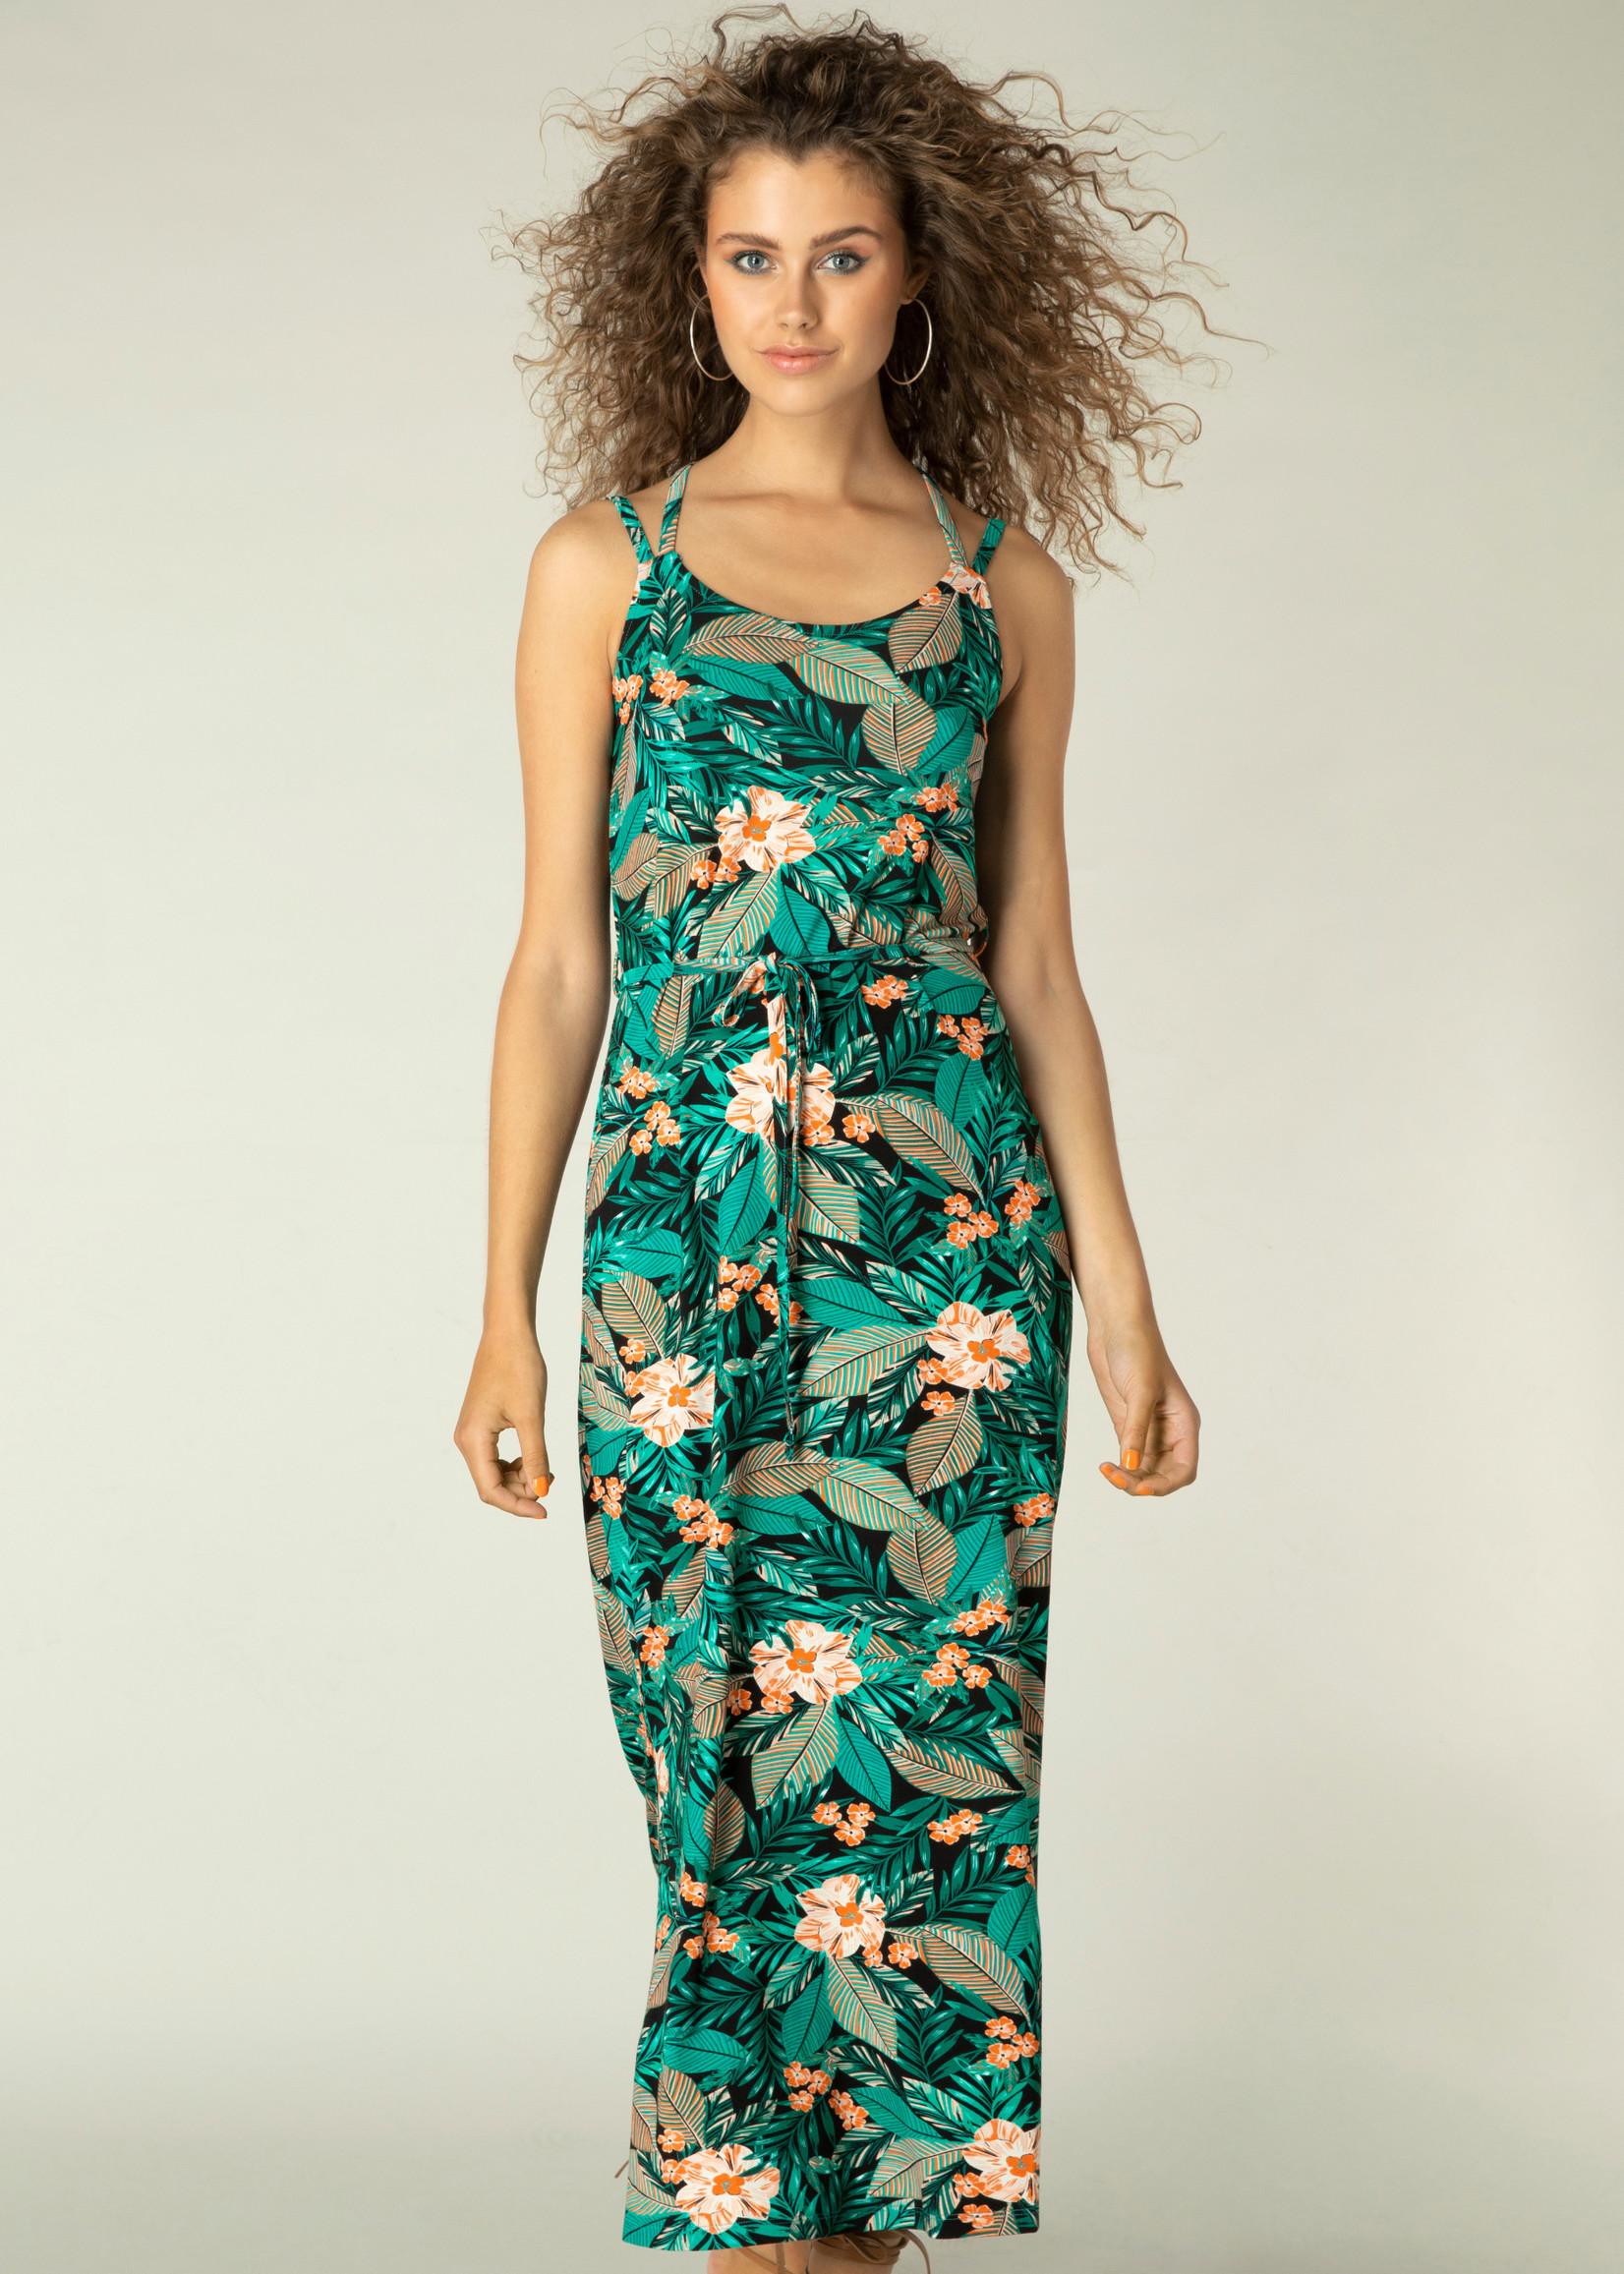 Yest Yest Keri Dress